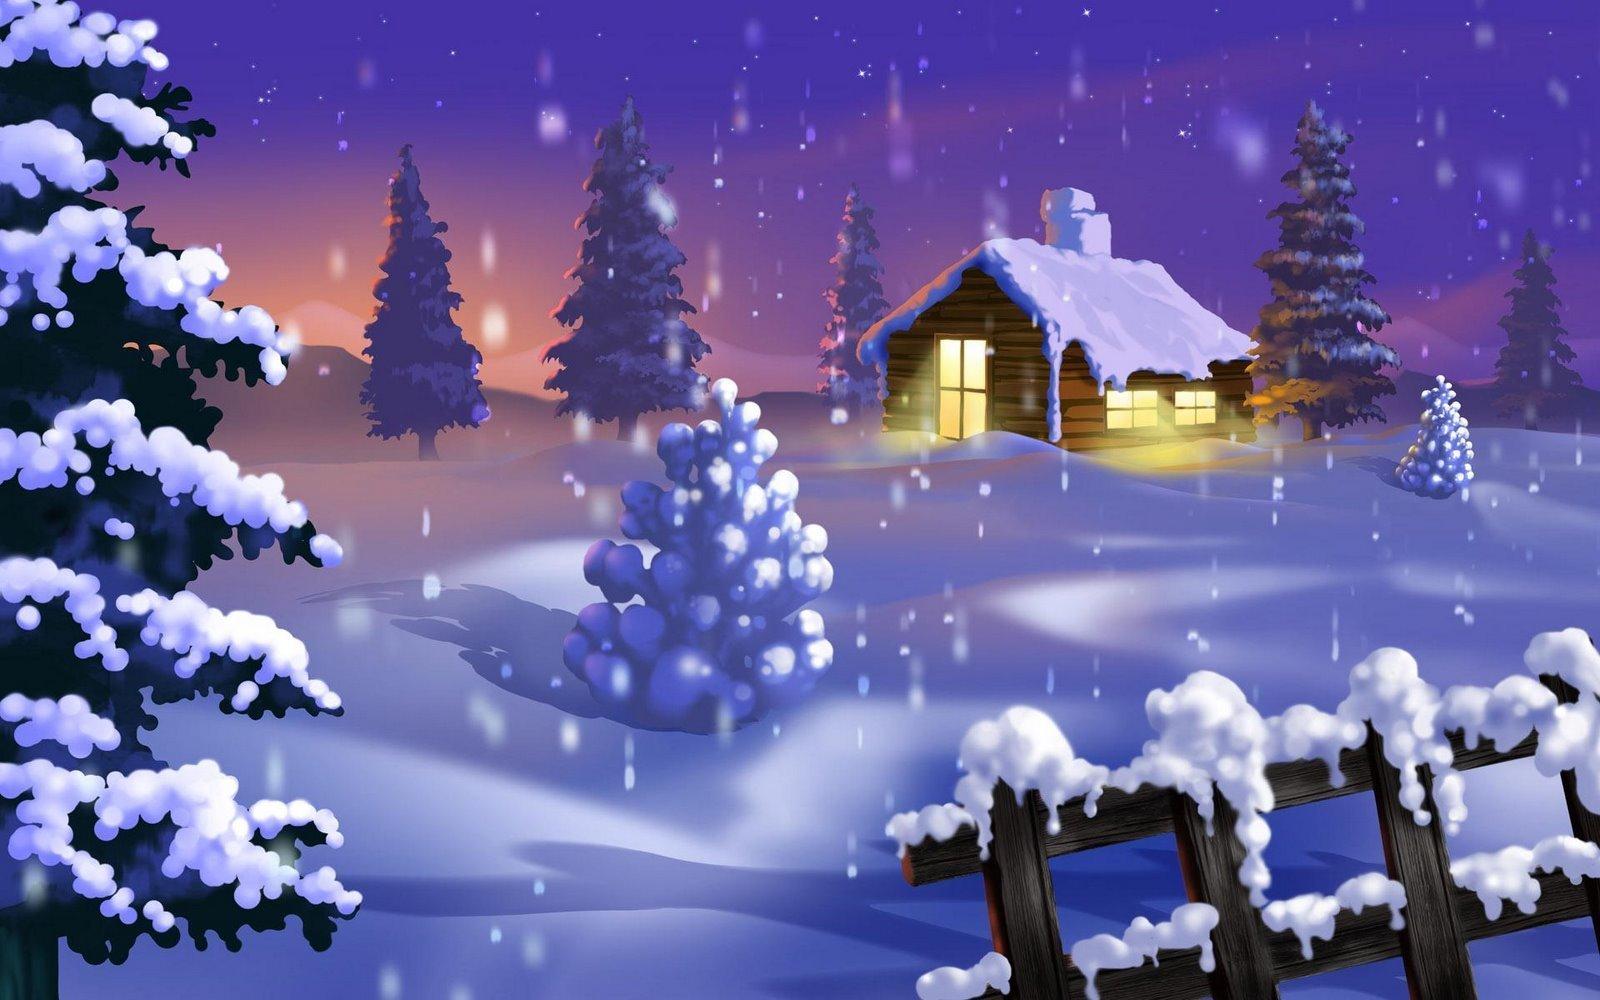 Christmas Wallpaper HD:Computer Wallpaper   Free Wallpaper Downloads